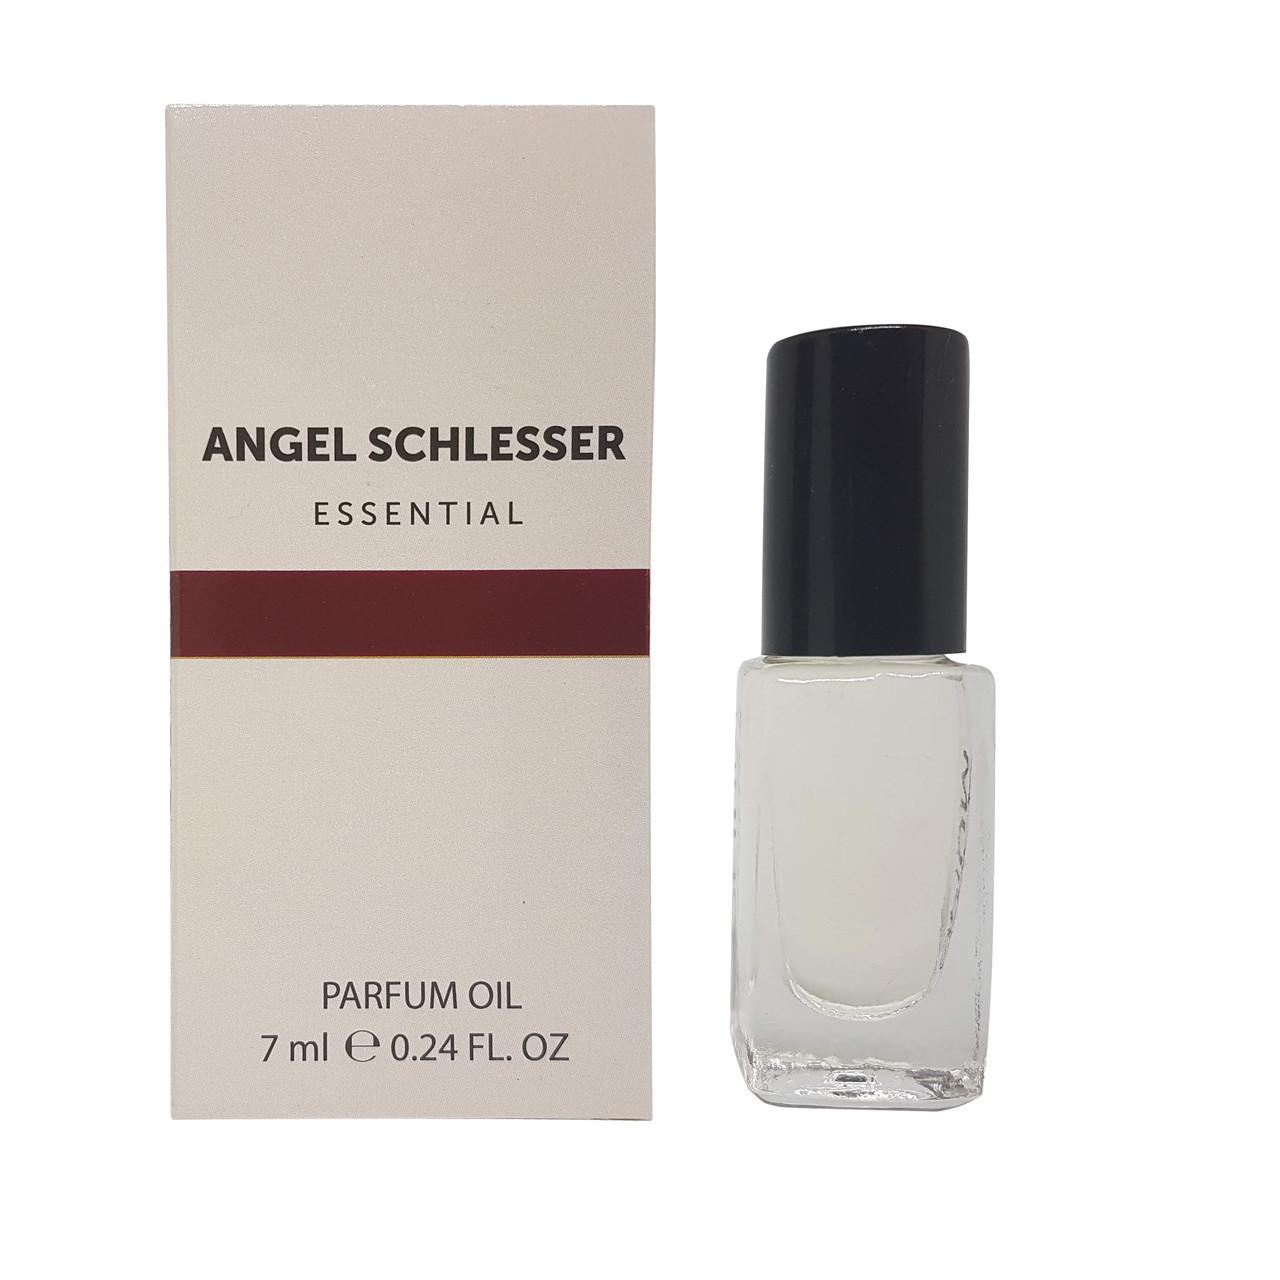 Angel Schlesser Essential - Parfum oil 7ml